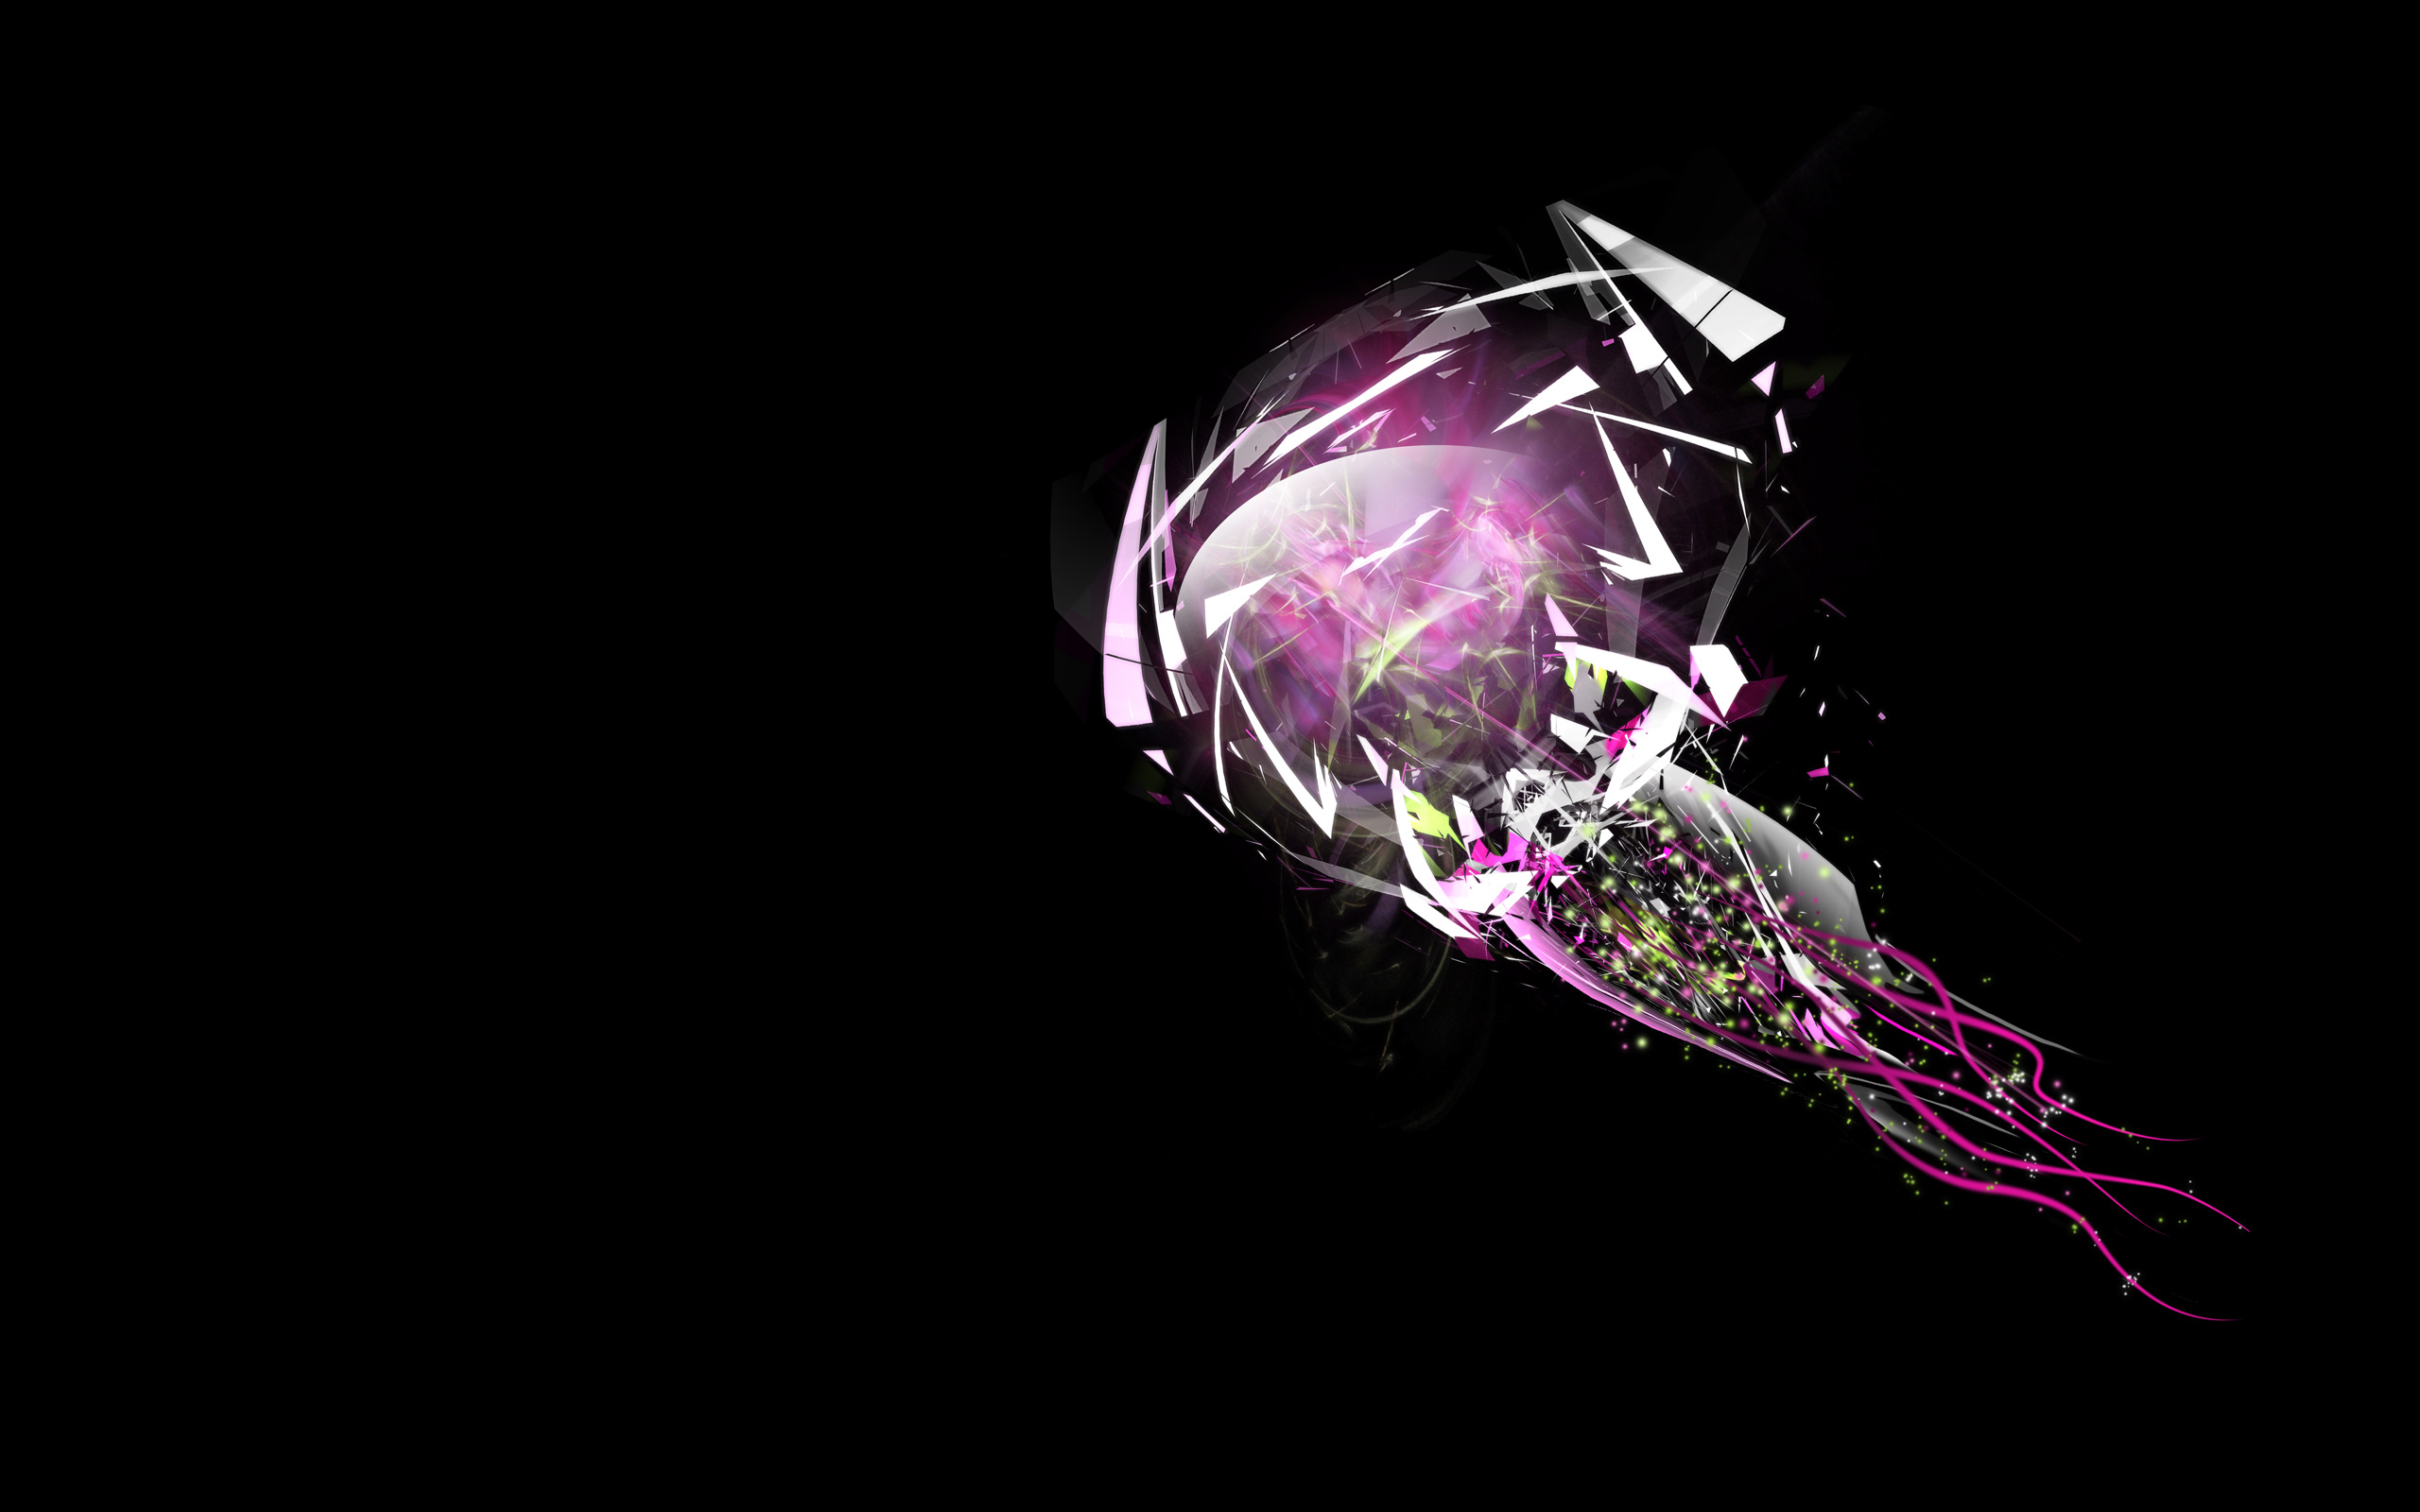 Cybersquid